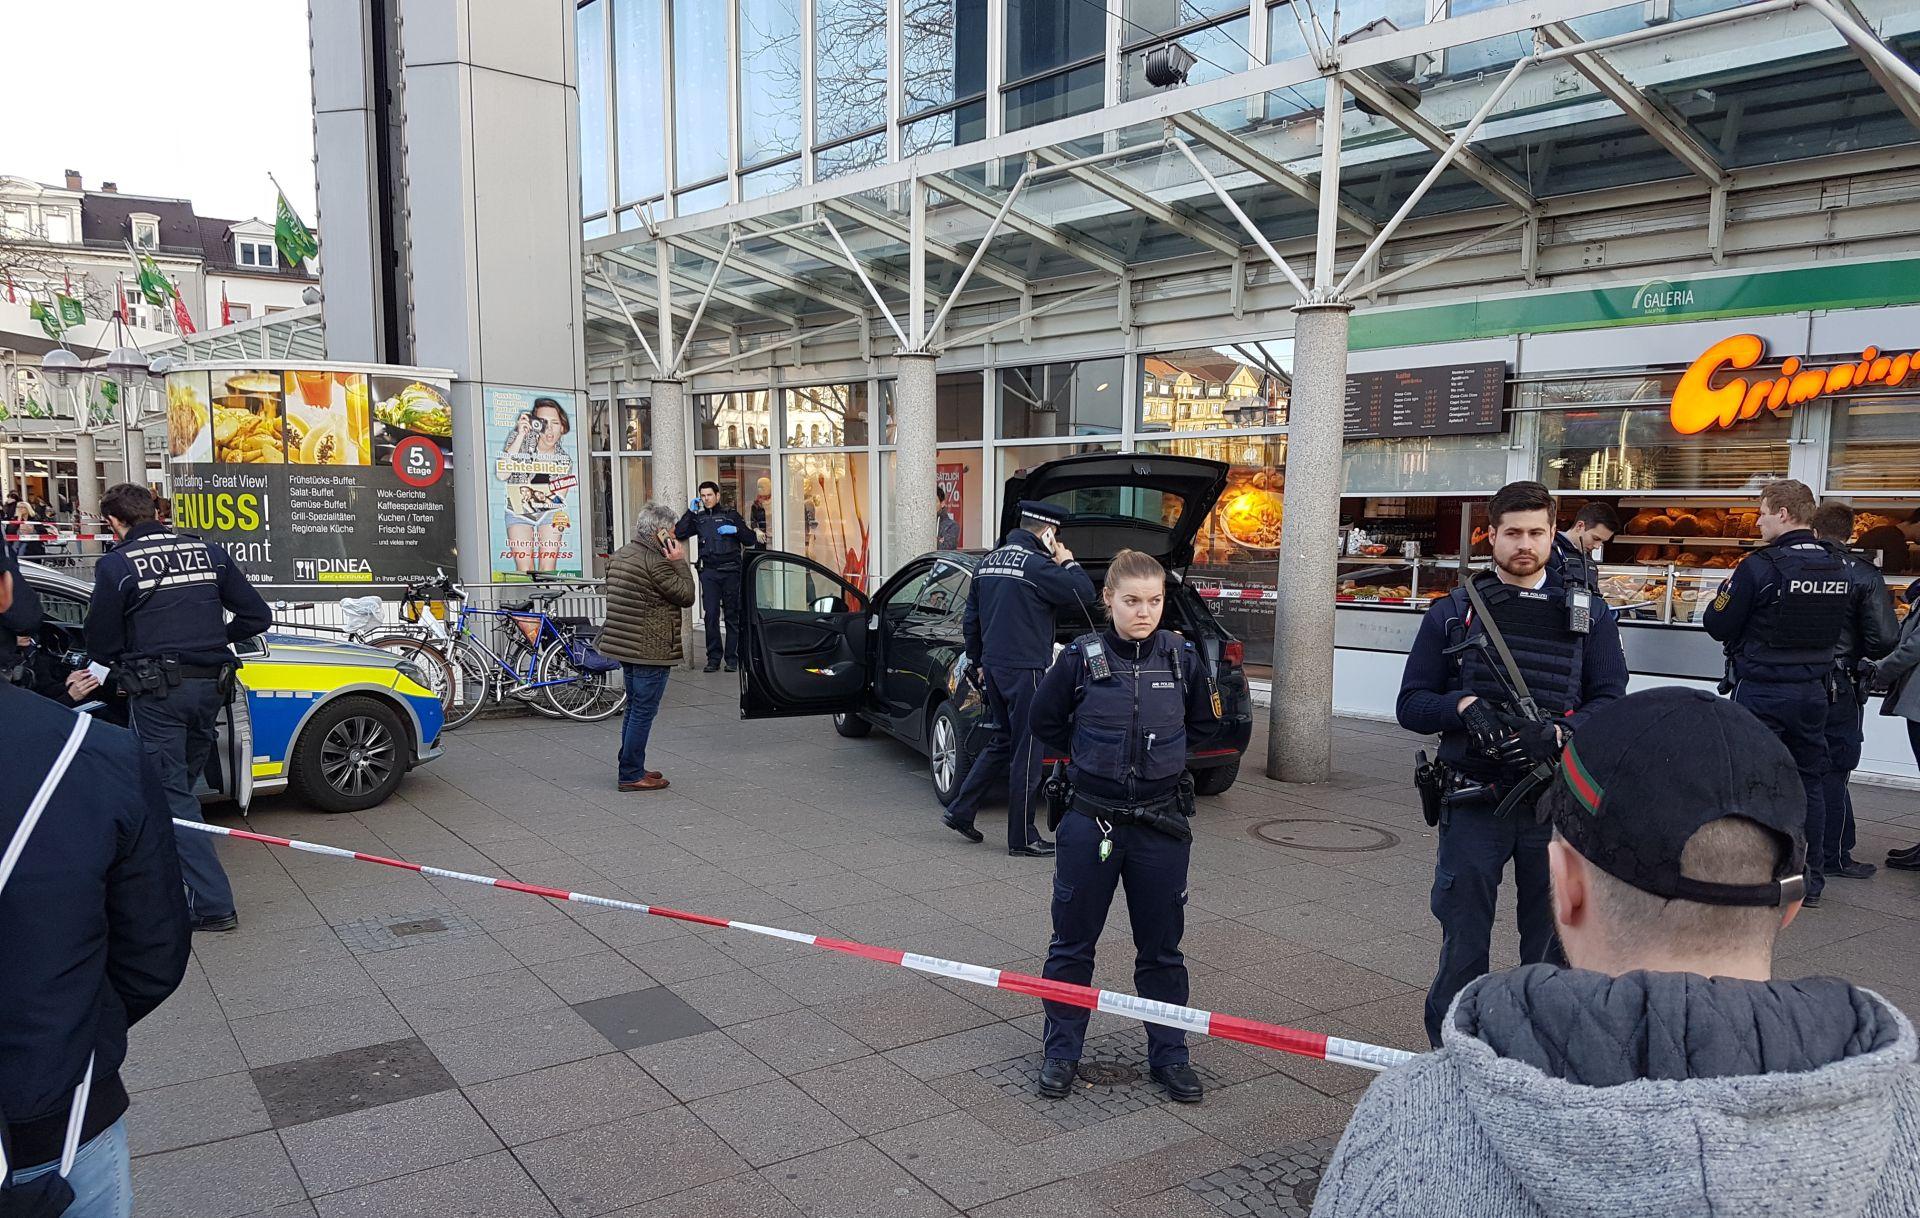 Njemačka policija odbila komentirati pozadinu napada u Heidelbergu